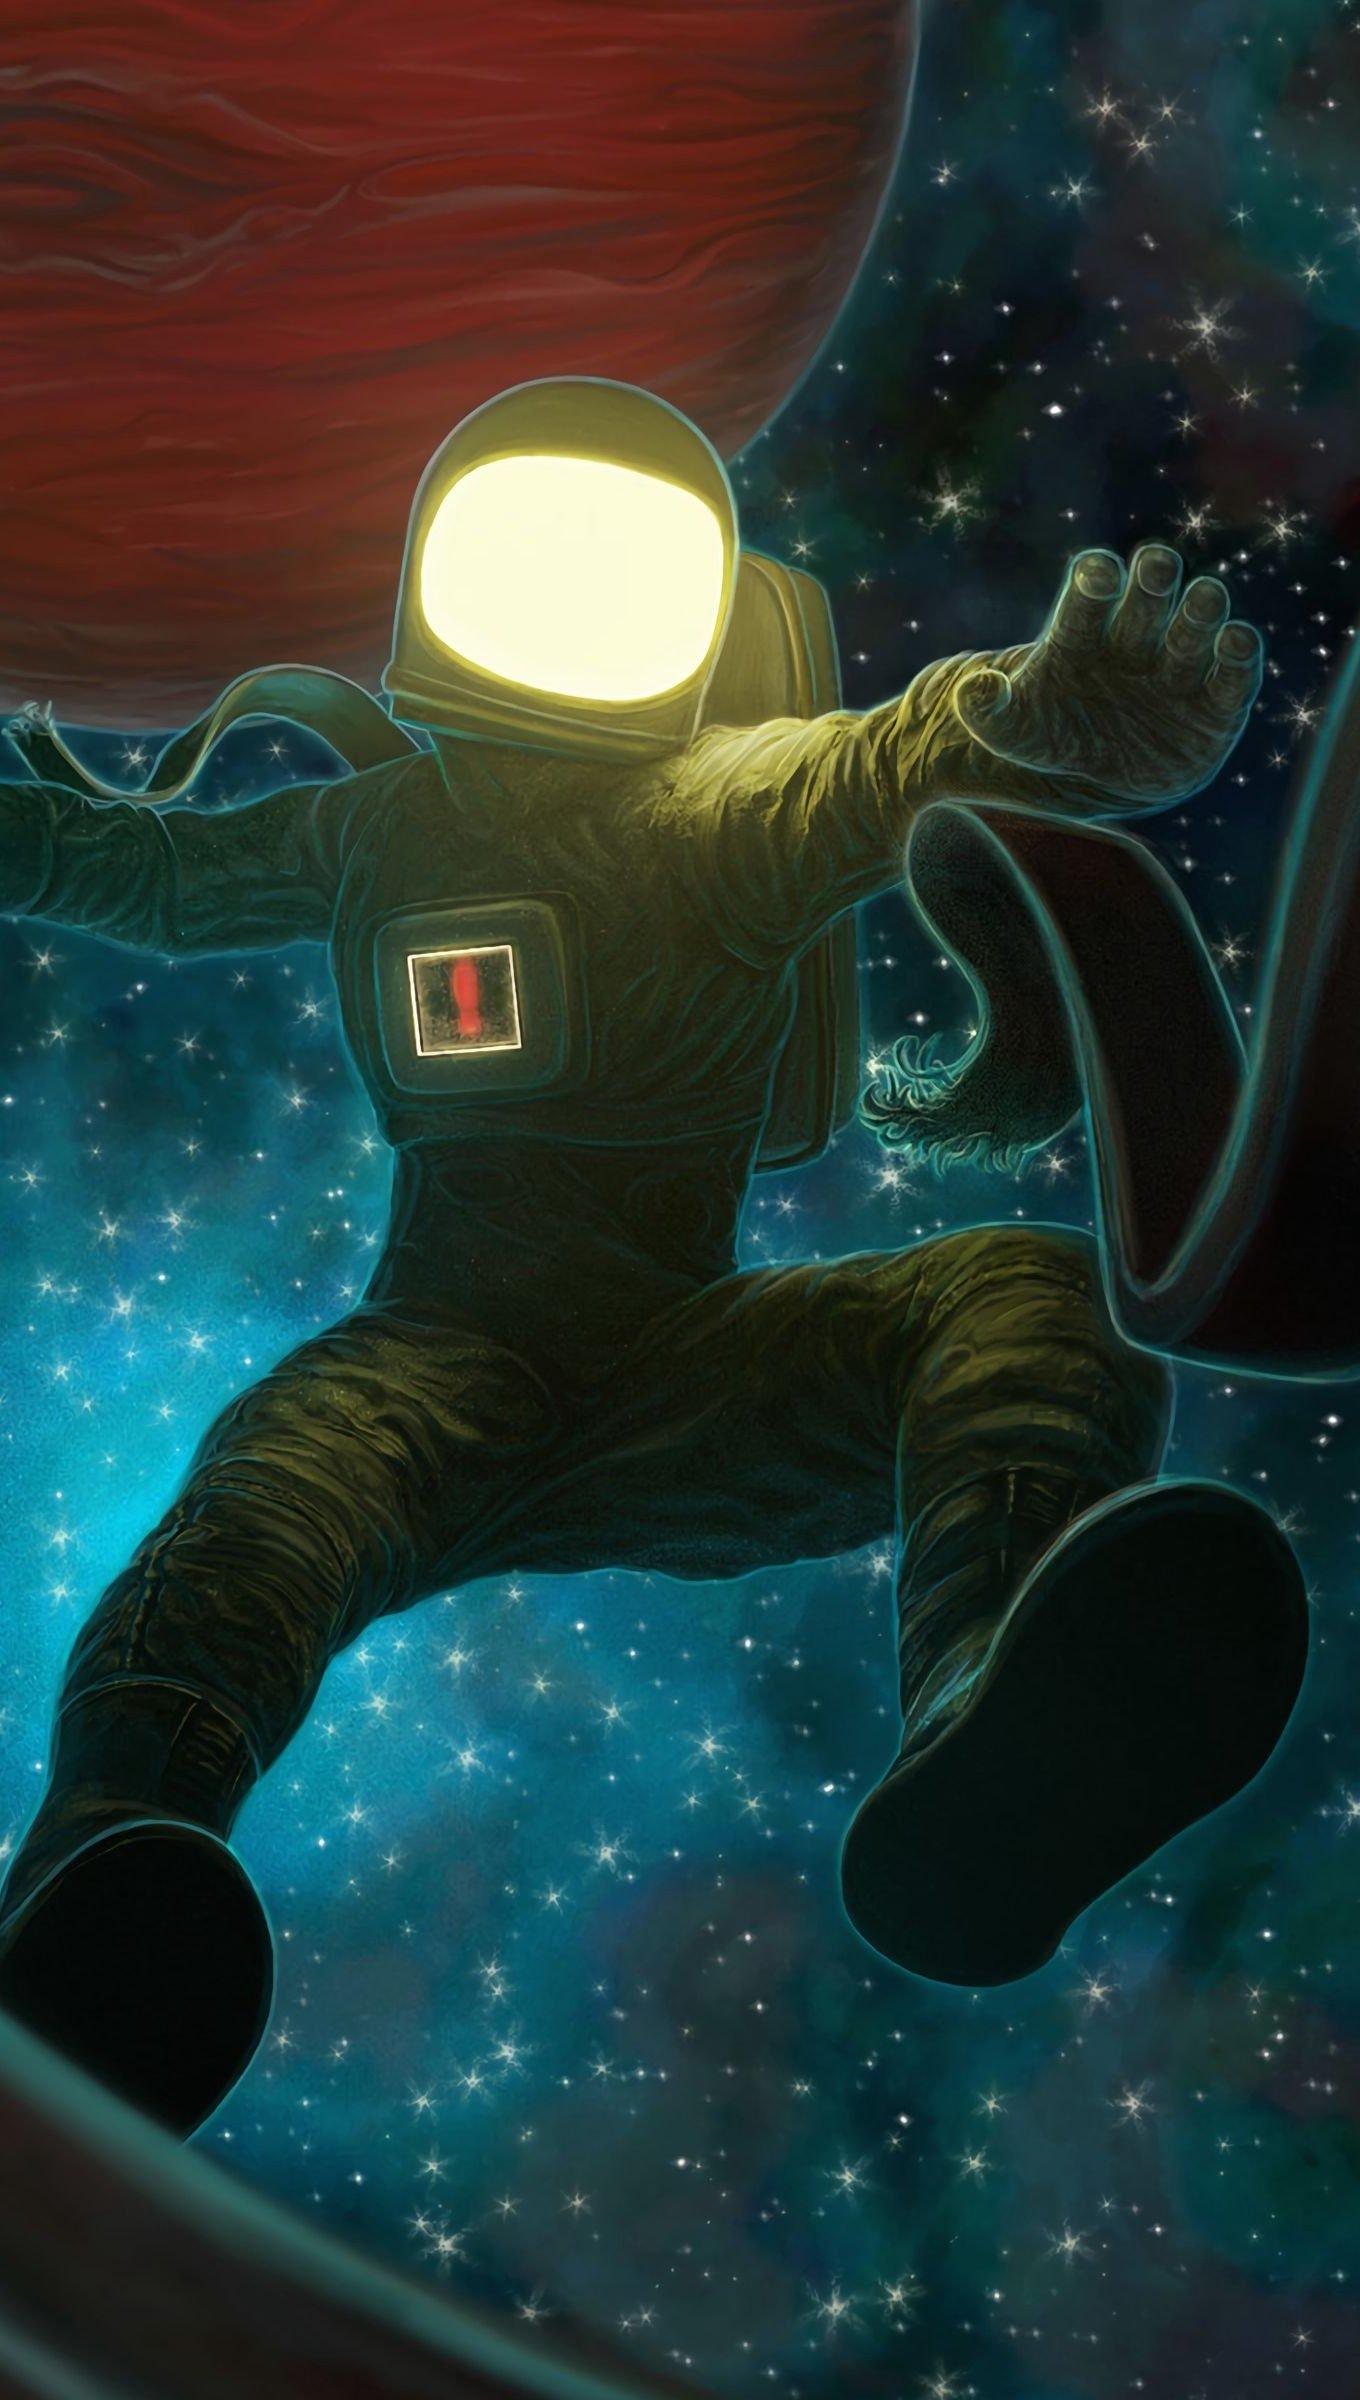 Fondos de pantalla Astronauta cayendo en el espacio Vertical